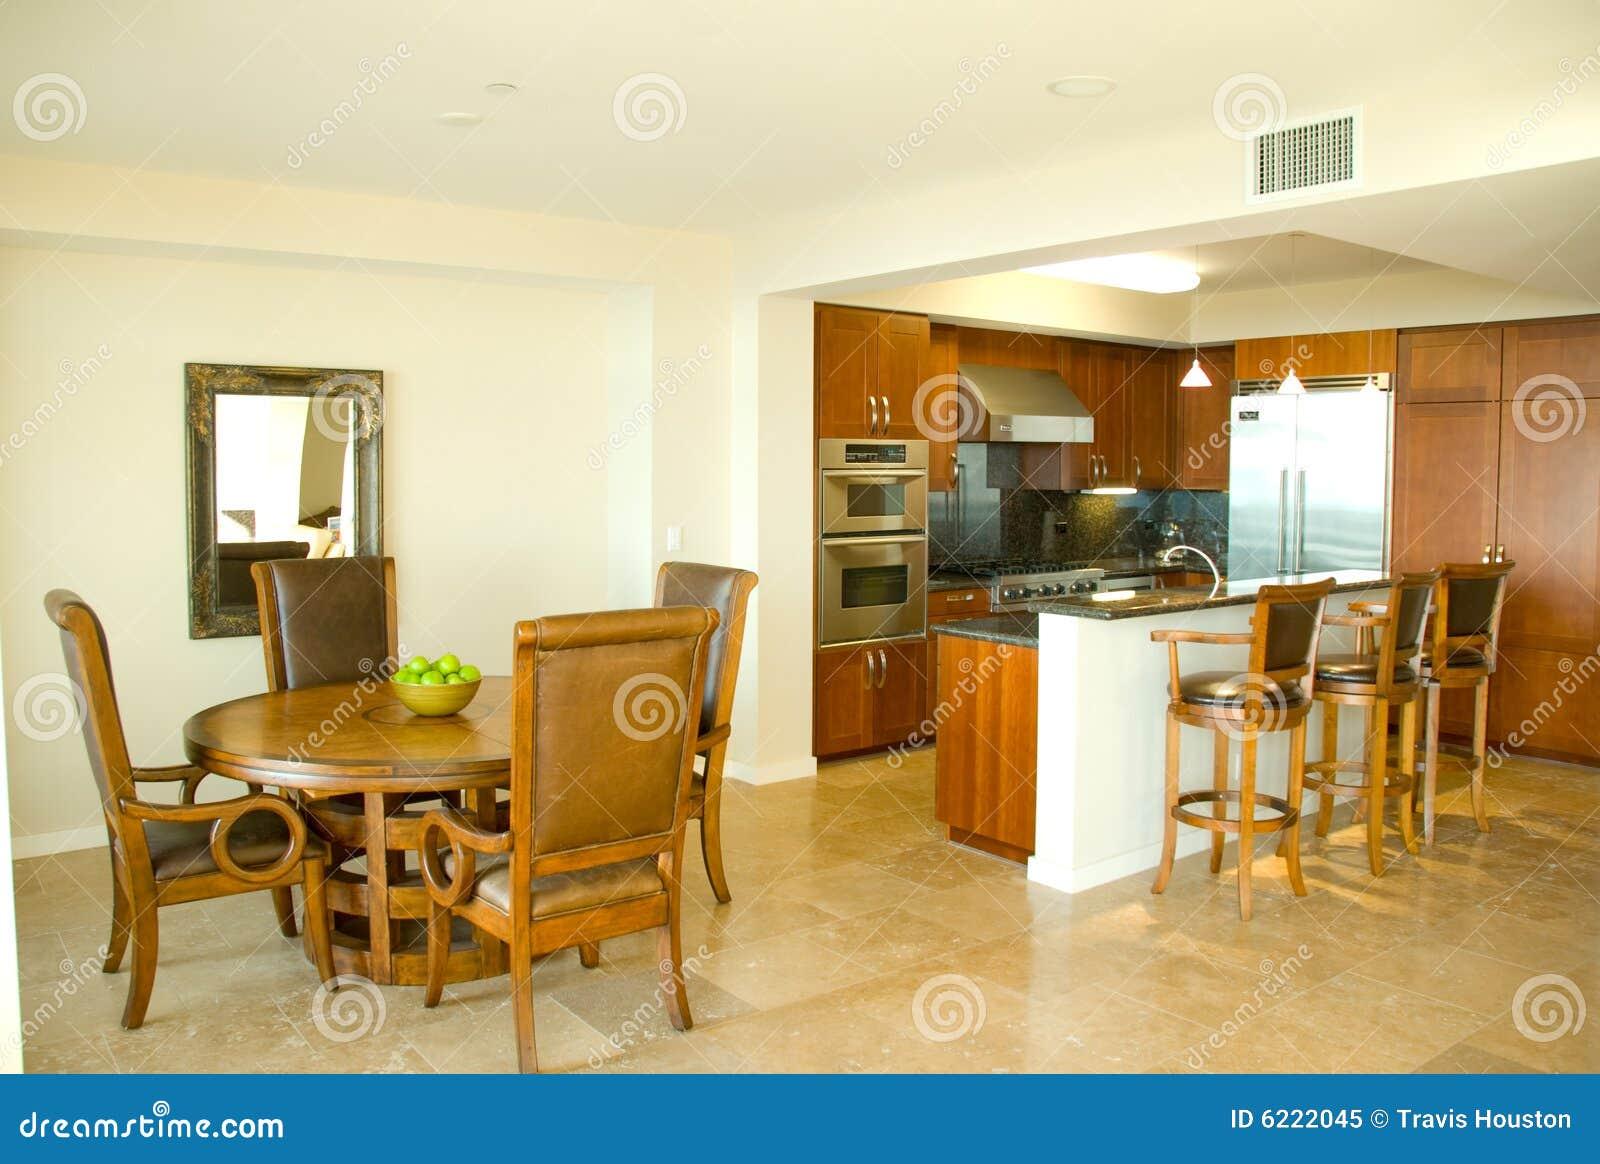 Cucina E Sala Da Pranzo Gastronomiche Del Progettista